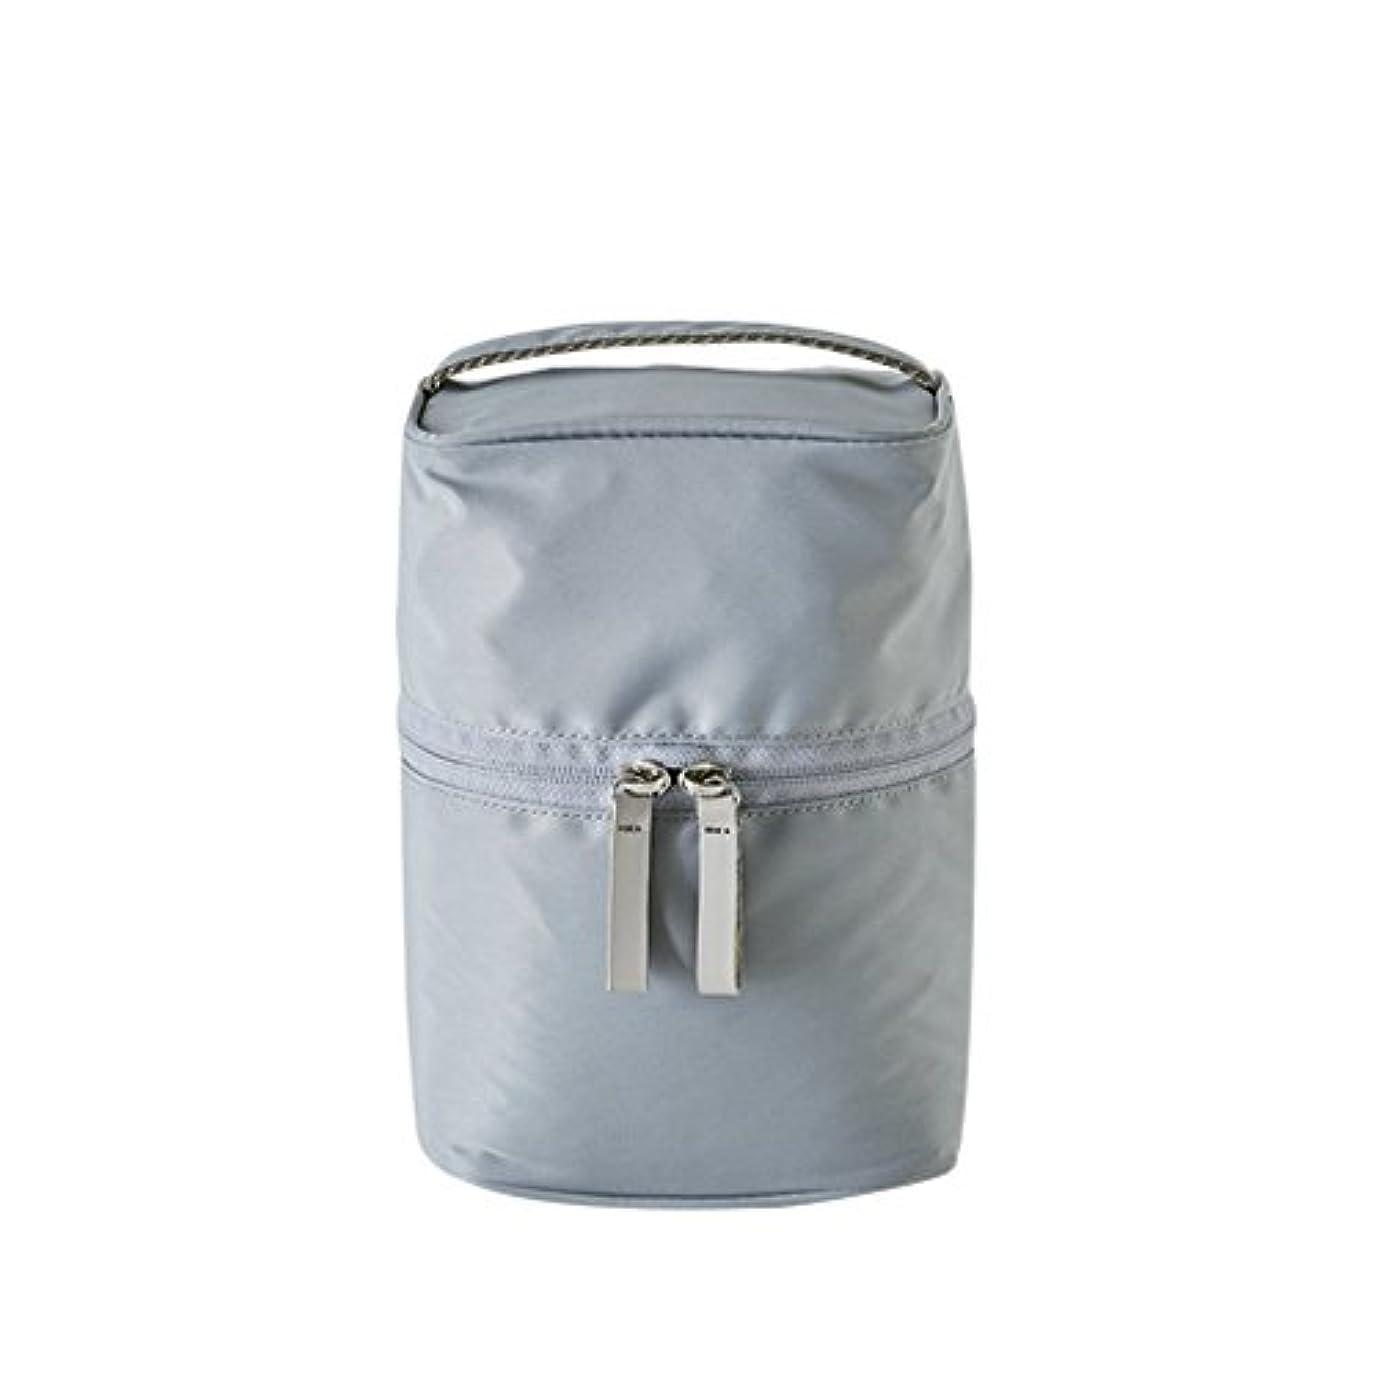 グッゲンハイム美術館若いそれるithinkso VERTICAL MAKE-UP BOX 縦に収納できるボックスタイプ化粧ポーチ 化粧水 トラベル 旅行 (グレー)